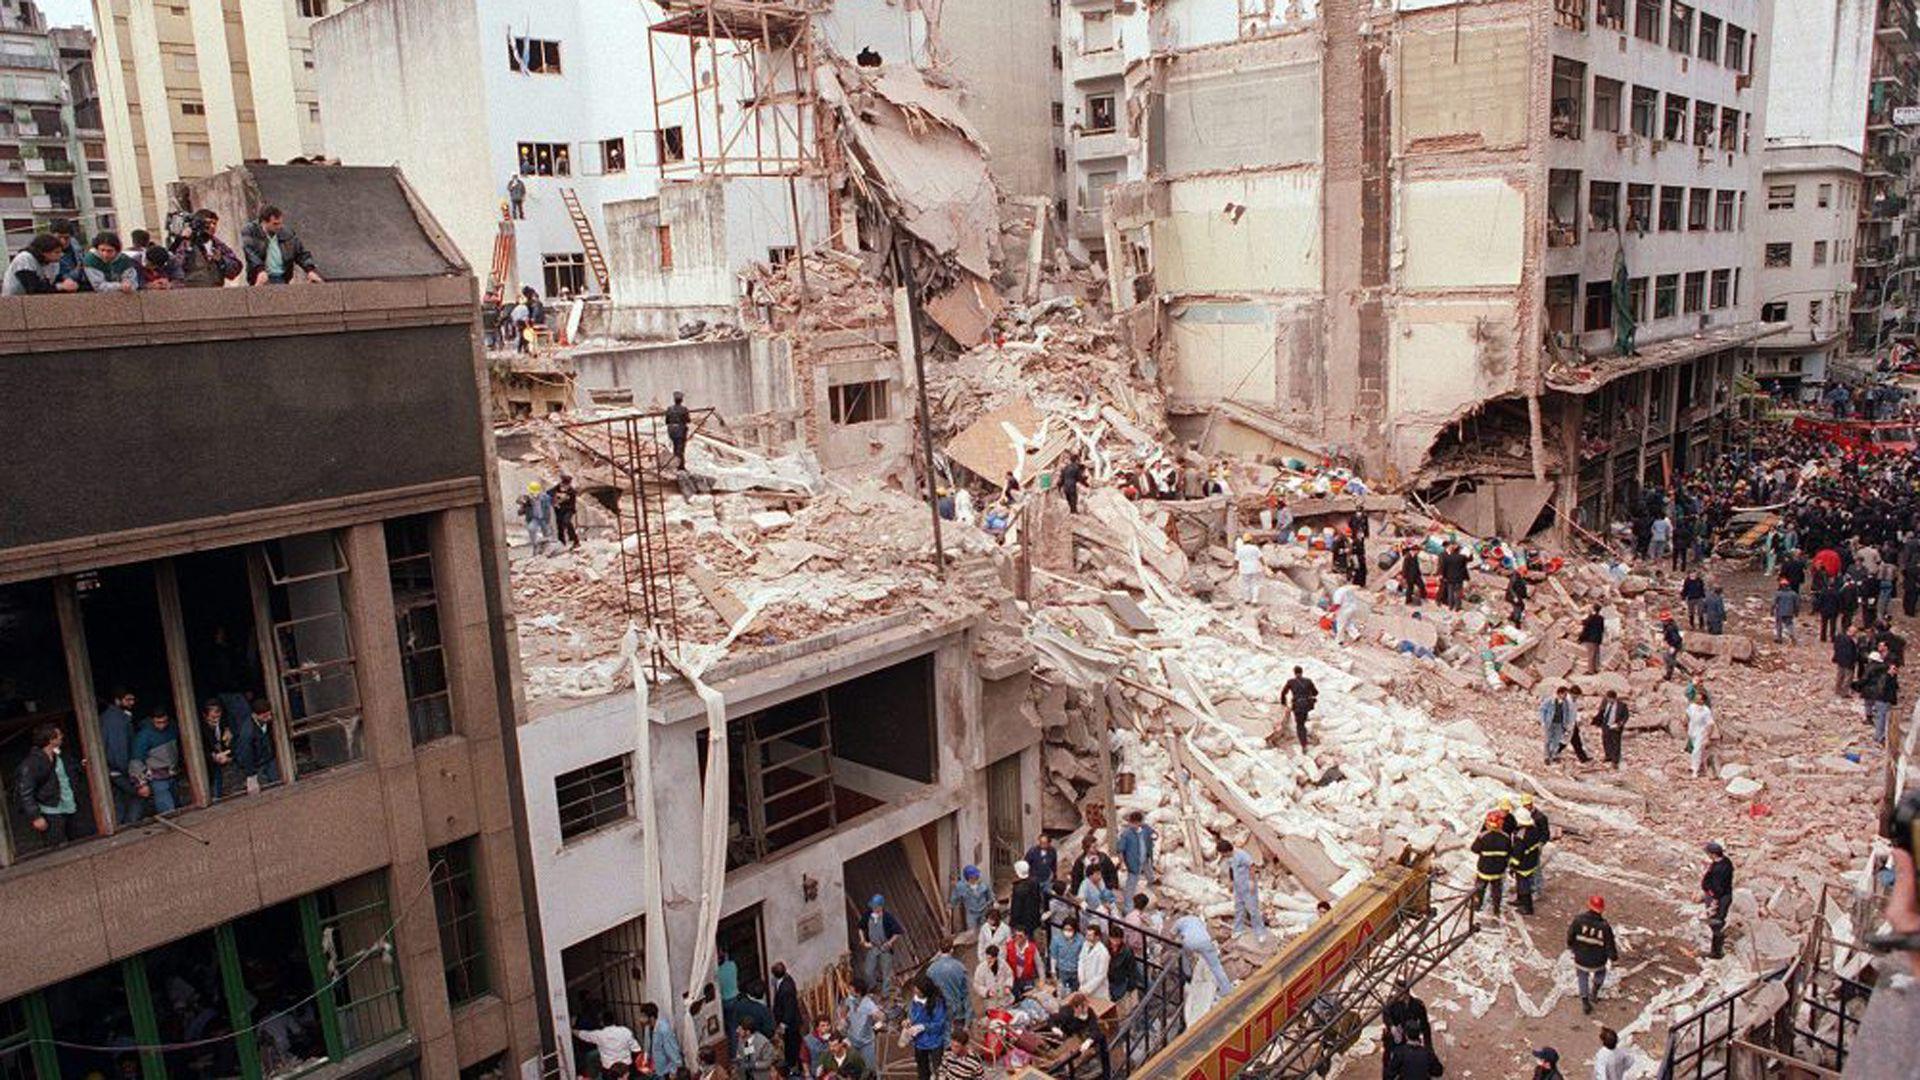 El atentado a la AMIA ocurrió el 18 de julio de 1994. Anita estaba en el fondo, por eso se salvó.